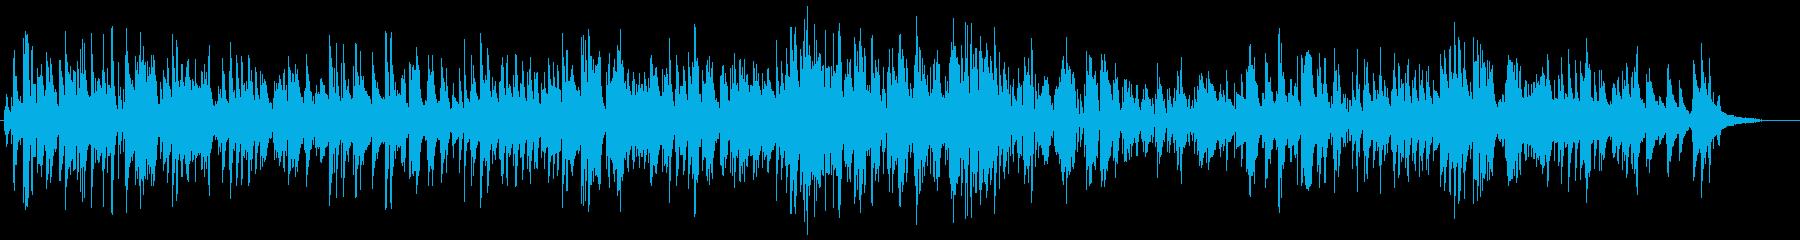 生演奏高音質のジャズバラードですの再生済みの波形